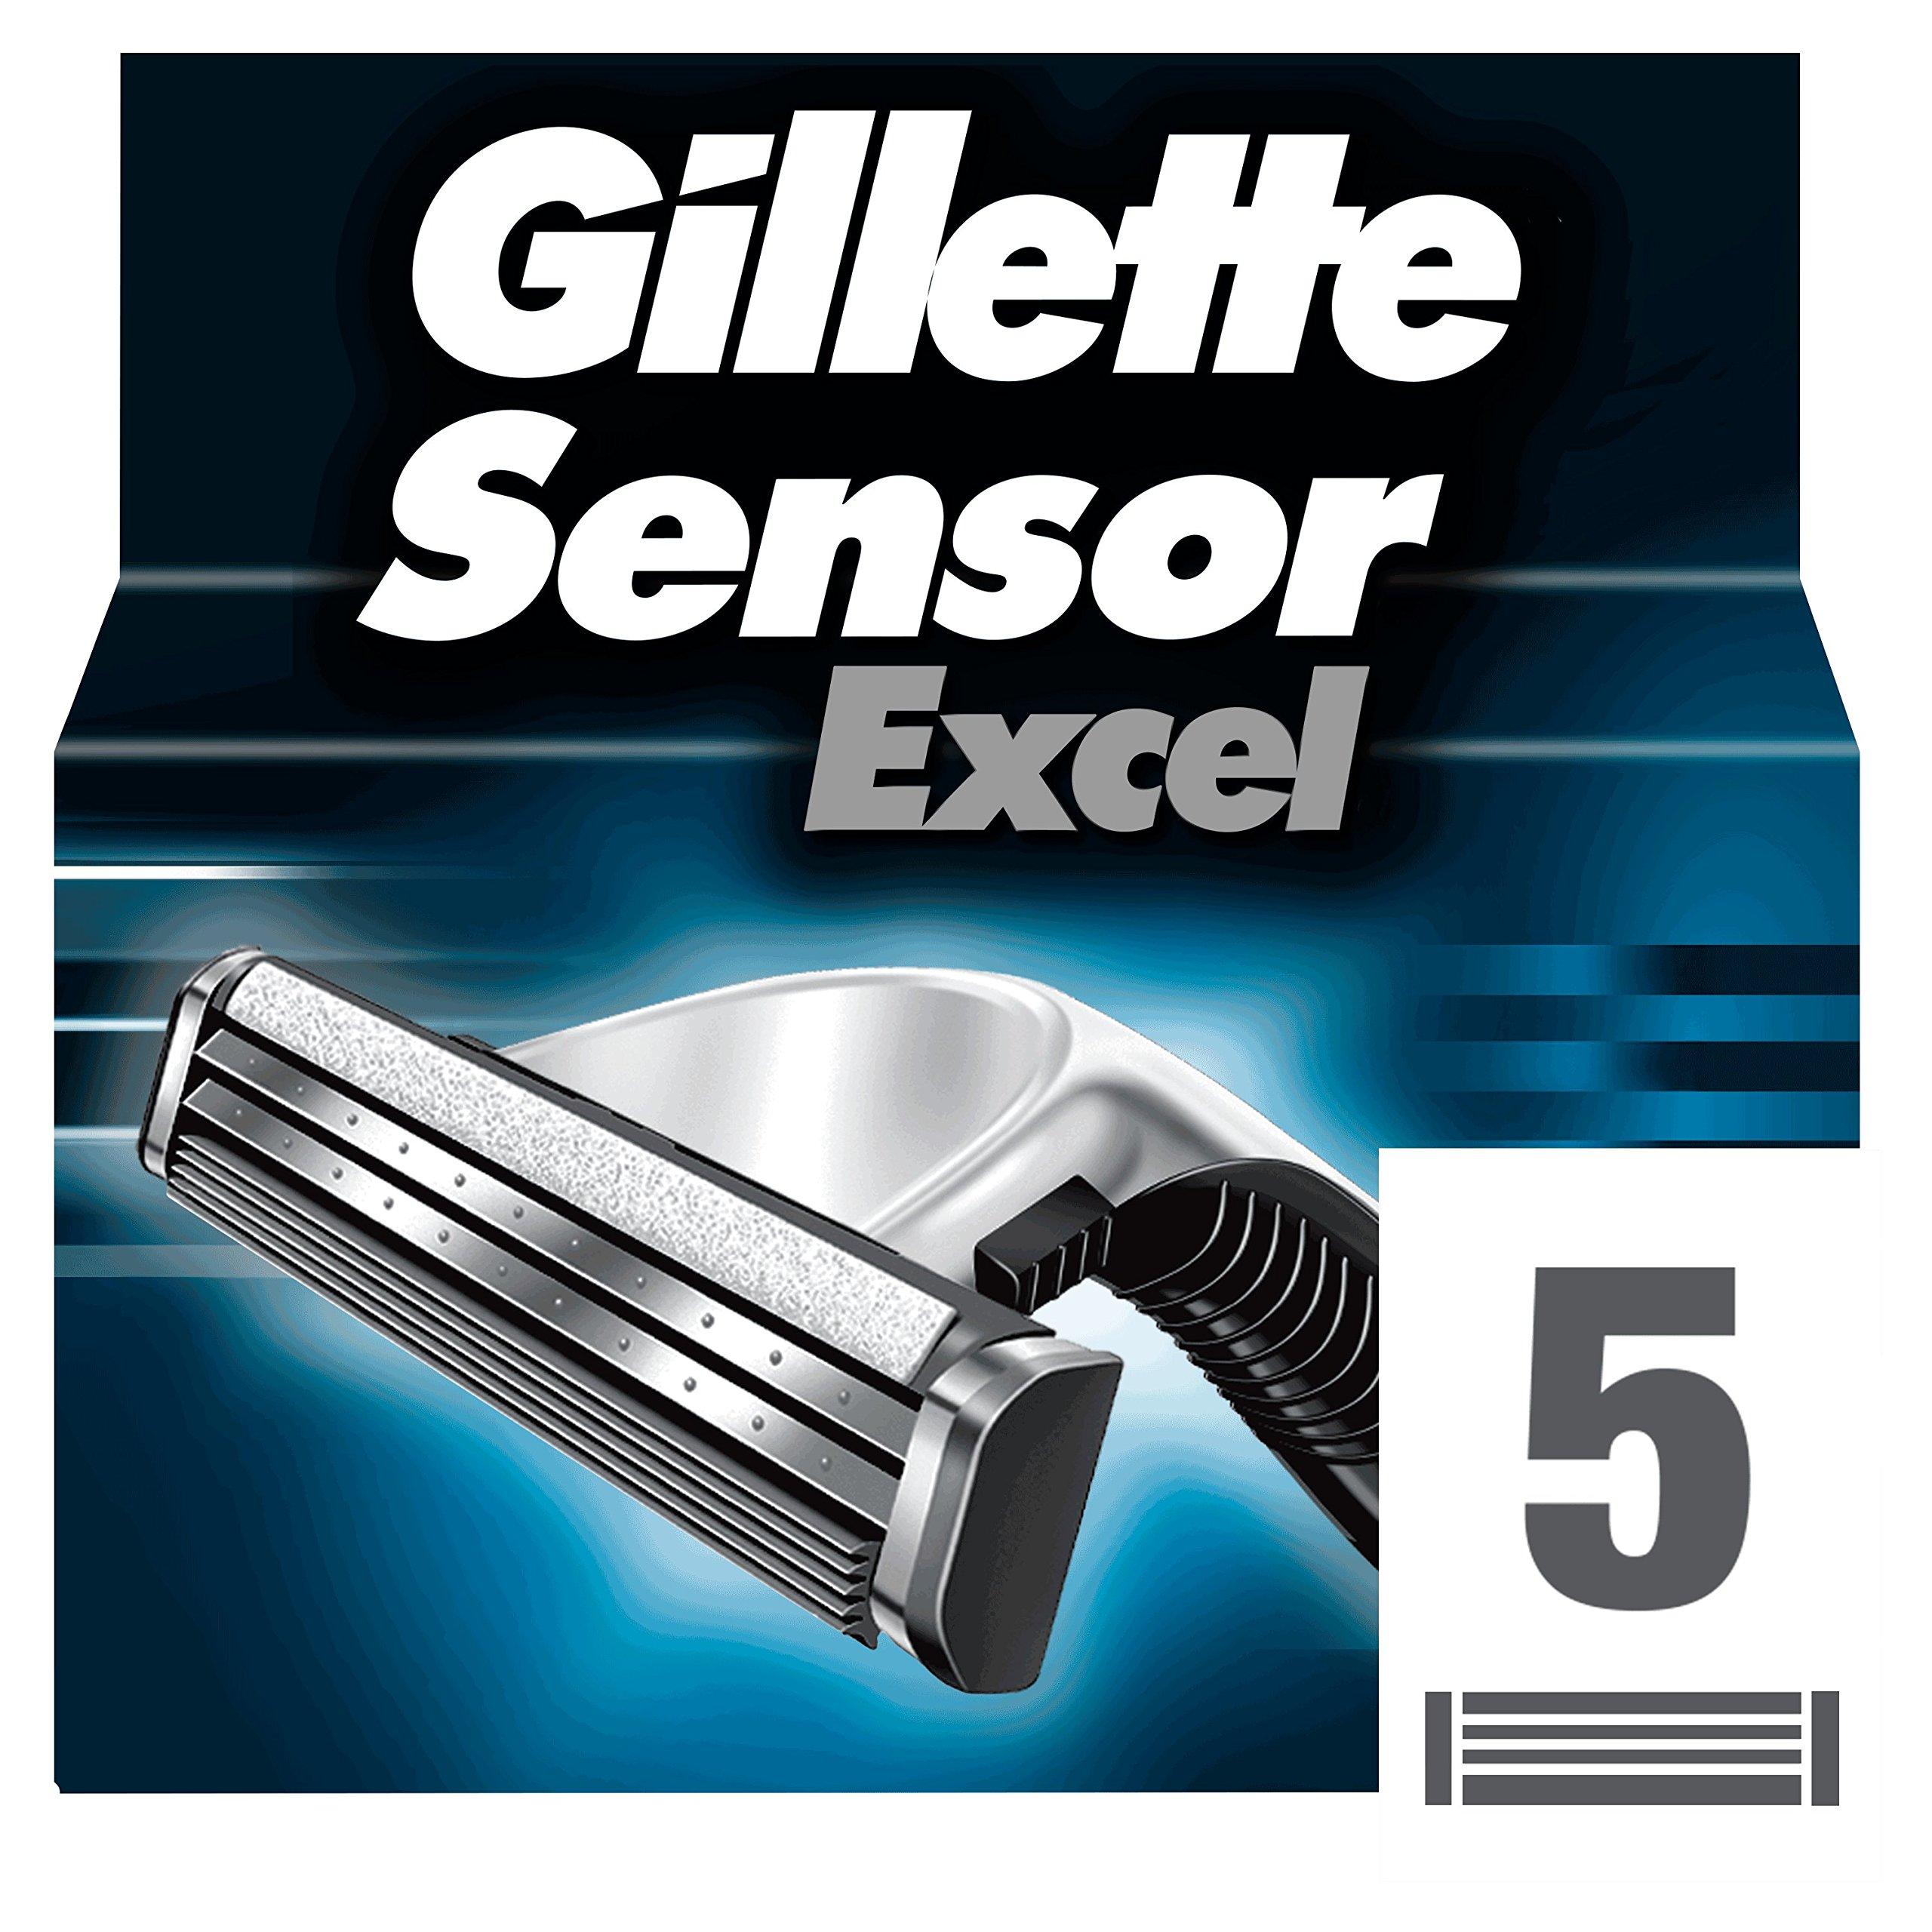 Gillette Sensor Excel - Hojas de afeitar para recambio, paquete con 5 unidades product image